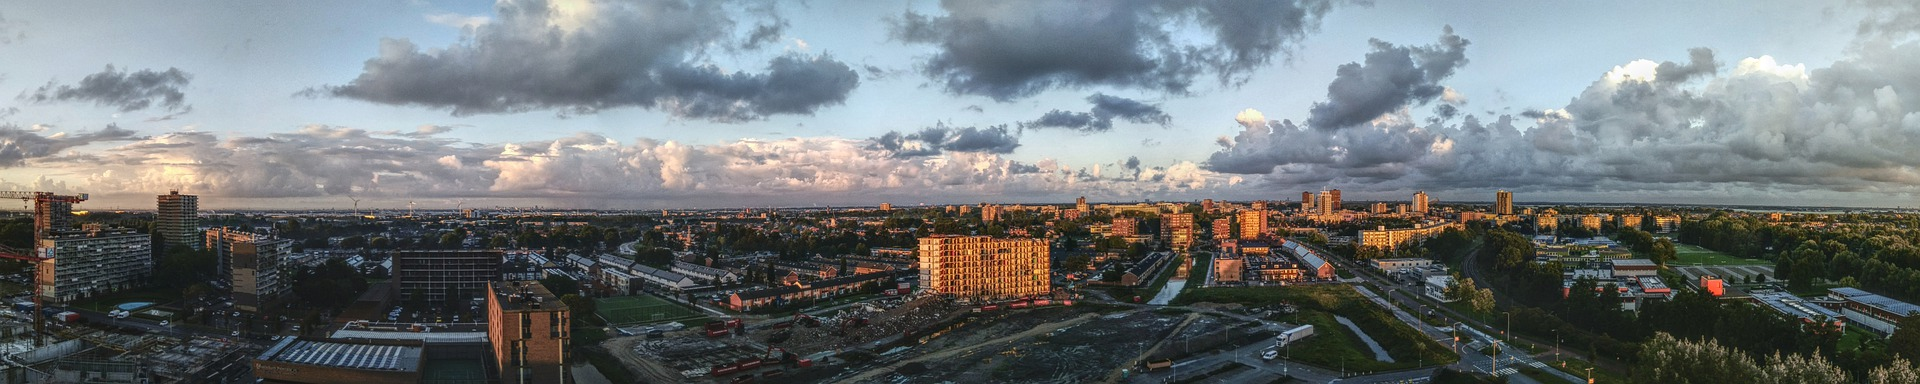 Op Goedkopecontainer.nl huurt u een container voor bouwafval / sloopafval in Zoetermeer tegen de beste prijs.